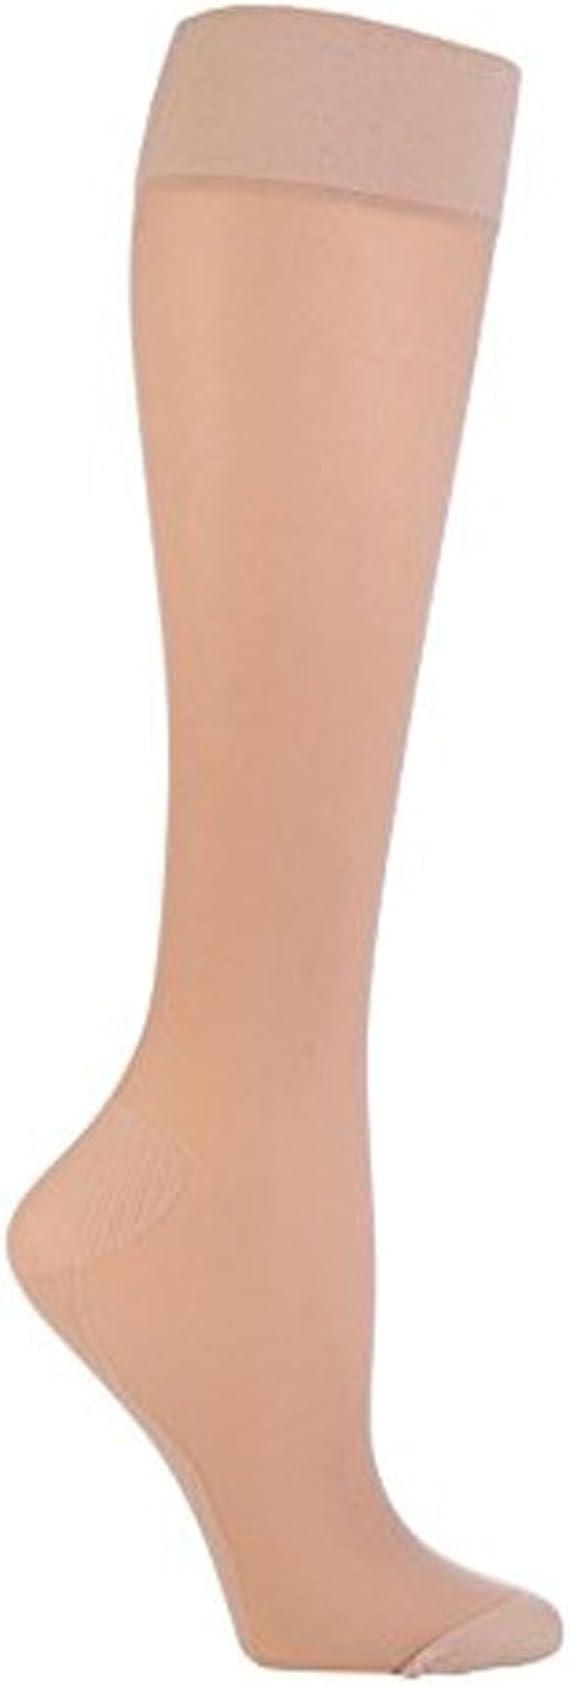 Mujer calcetines medias de compresion vuelos para viaje en 2 colores Sock Shop